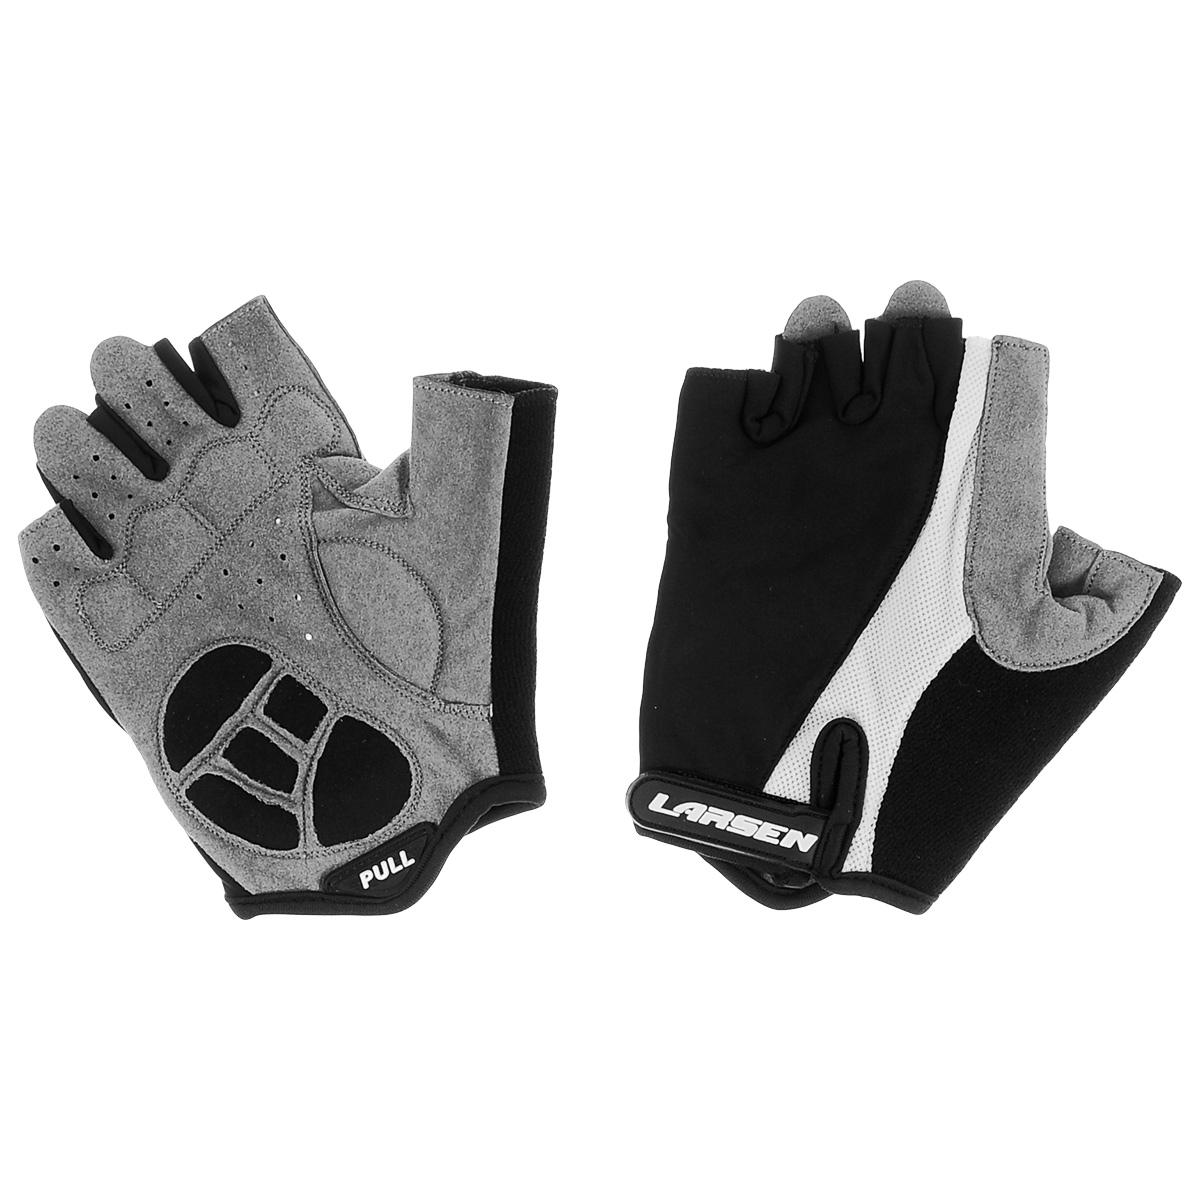 Велоперчатки Larsen, цвет: черный, серый, белый. Размер XL. 01-12266056Велоперчатки Larsen выполнены из высококачественного нейлона и амары. На ладонях расположены мягкие вставки для повышенного сцепления и системой Pull Off на пальцах. Застежка Velcro надежно фиксирует перчатки на руке. Сетка способствует хорошей вентиляции.